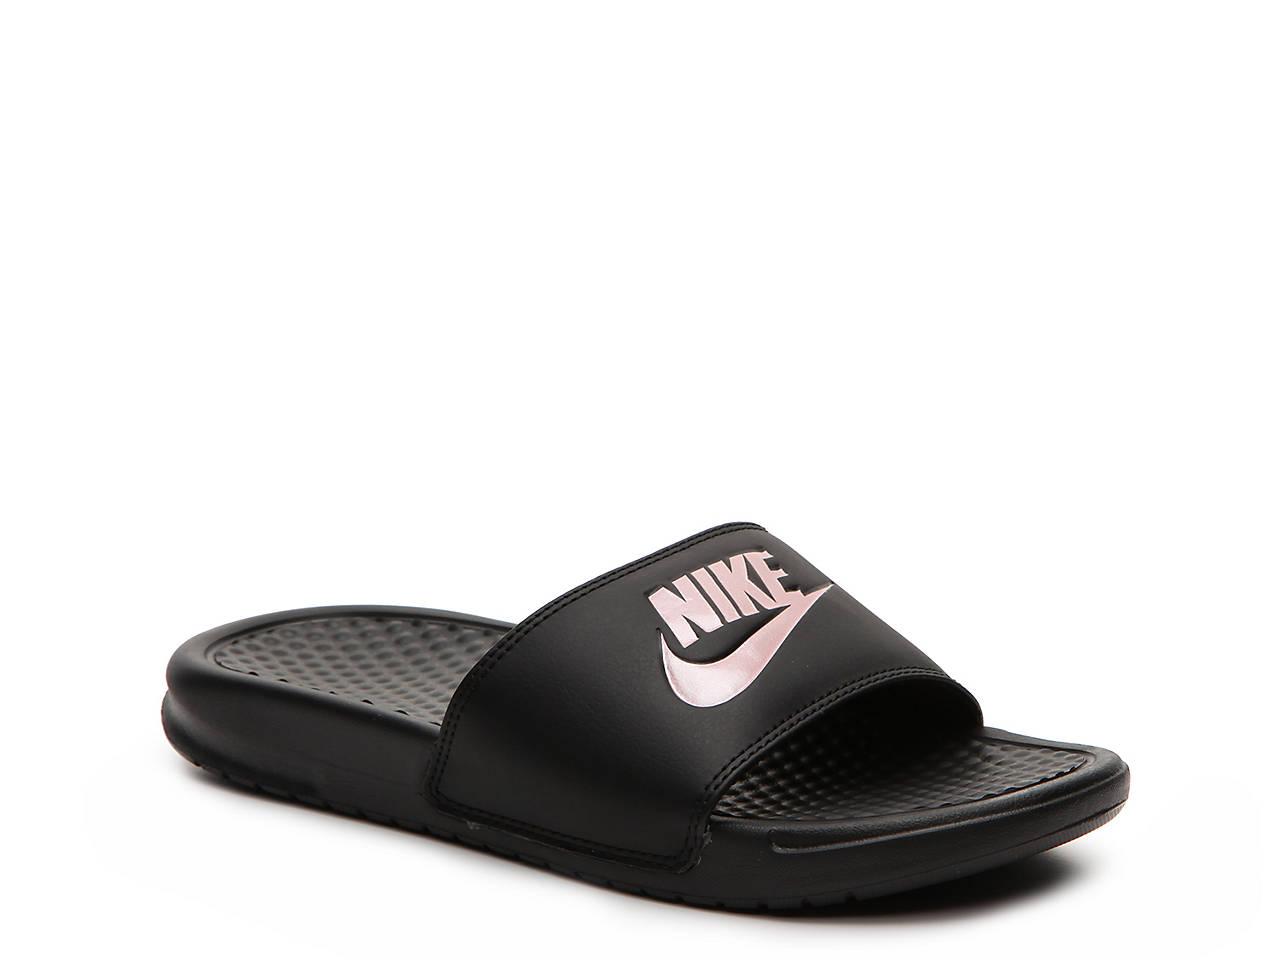 68011de80 Nike Benassi Slide Sandal - Women's Women's Shoes | DSW